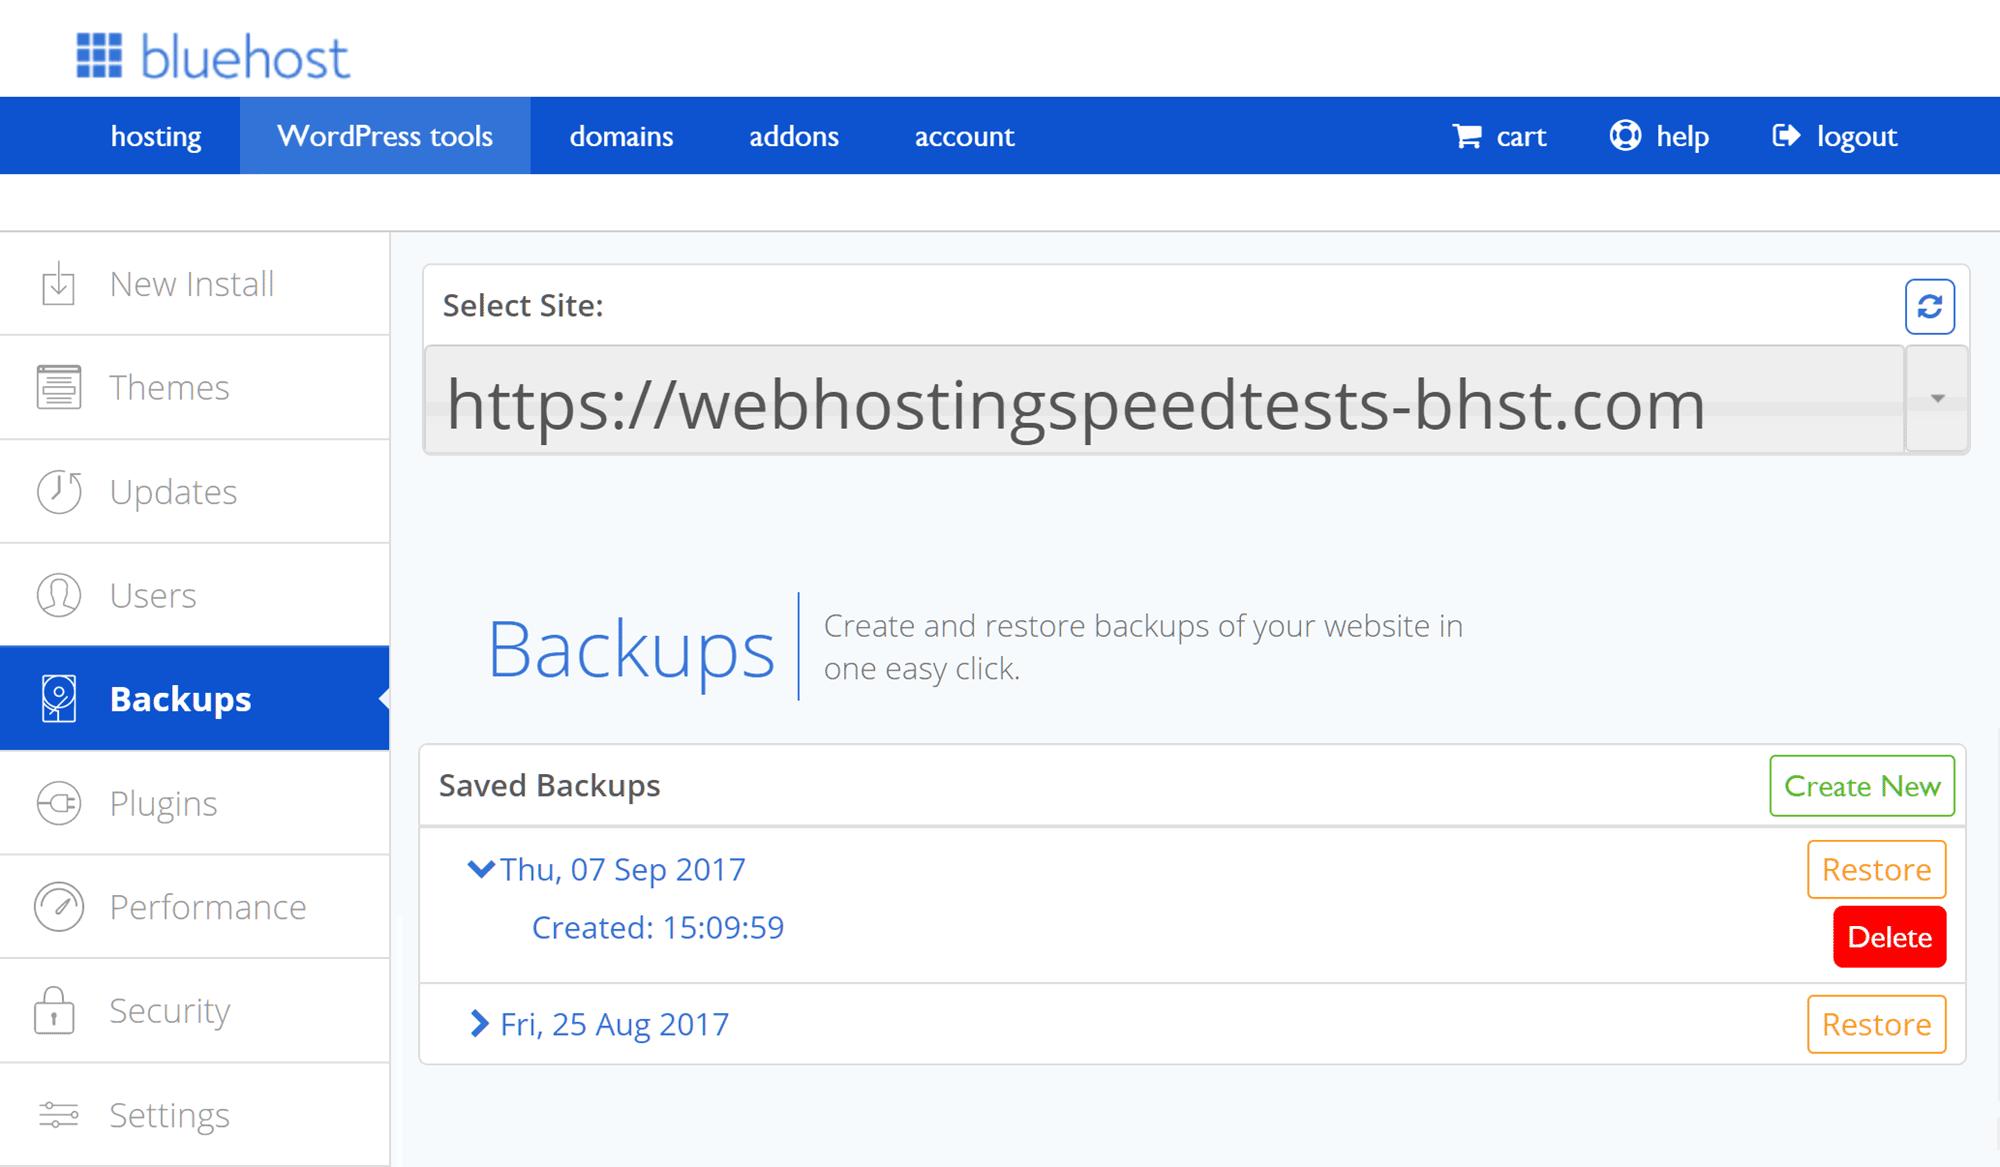 Herramienta de copia de seguridad del sitio web de Bluehost